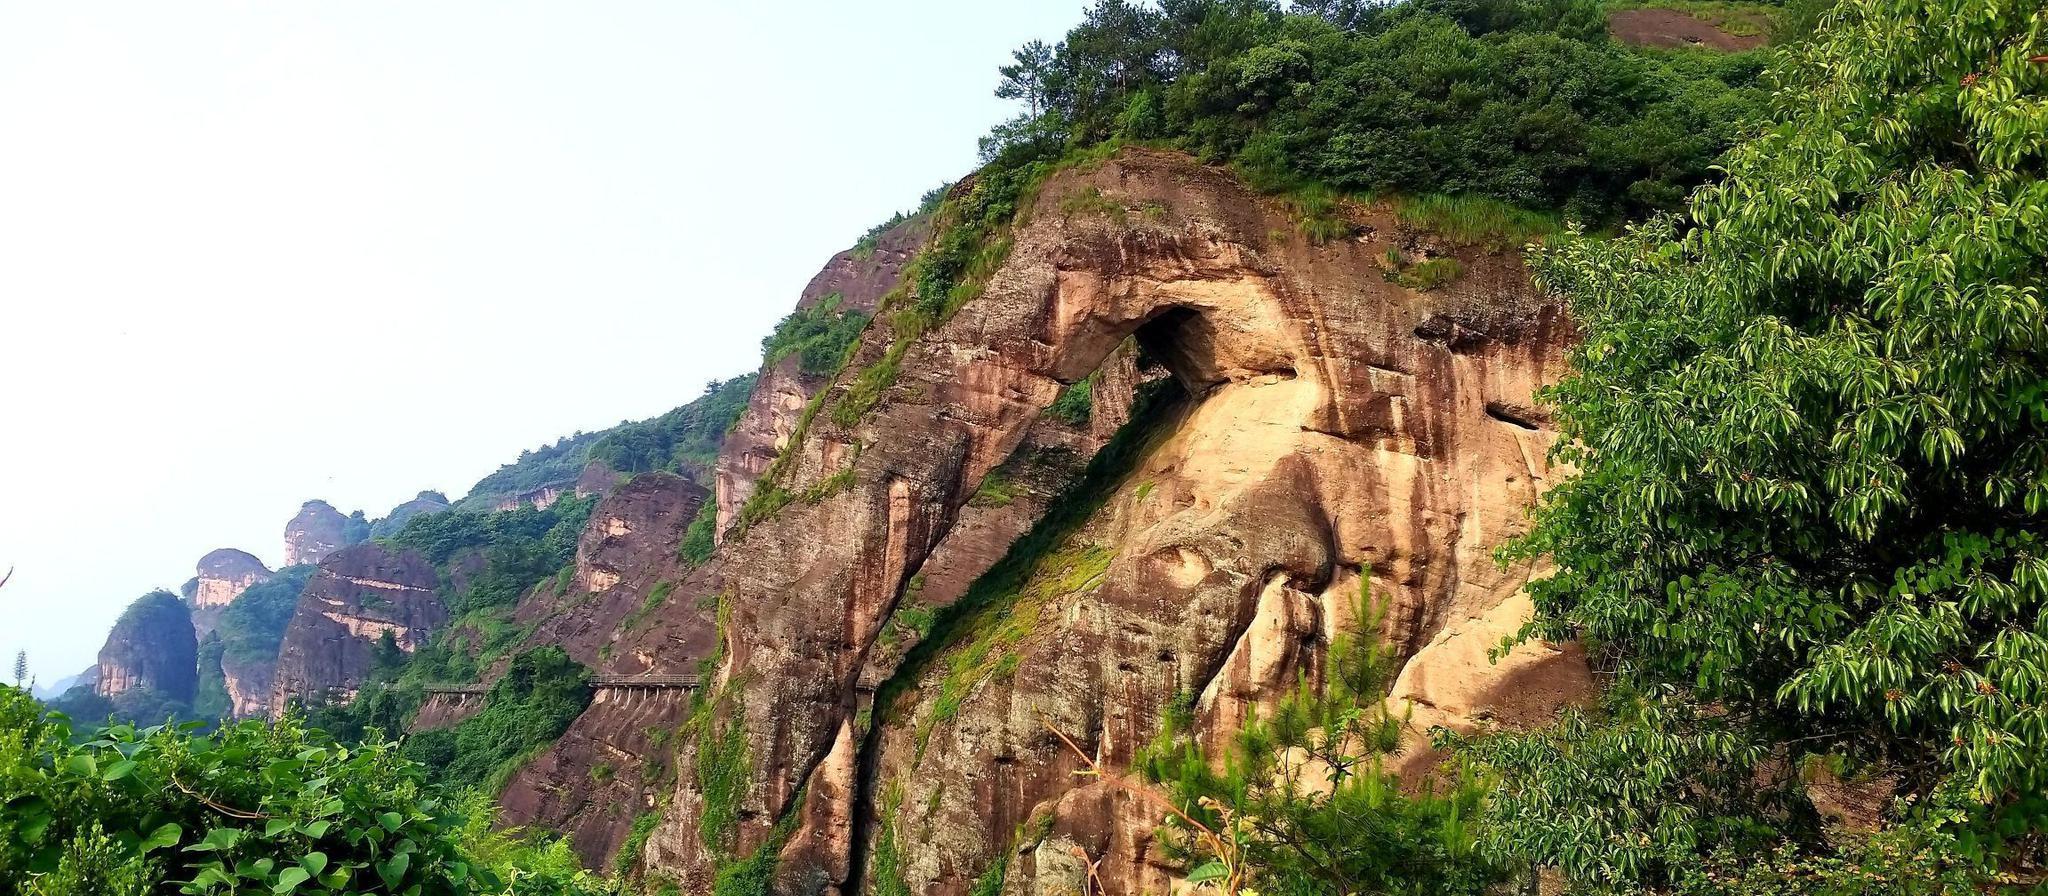 江西省 鹰潭市 龙虎山 象鼻山地质公园